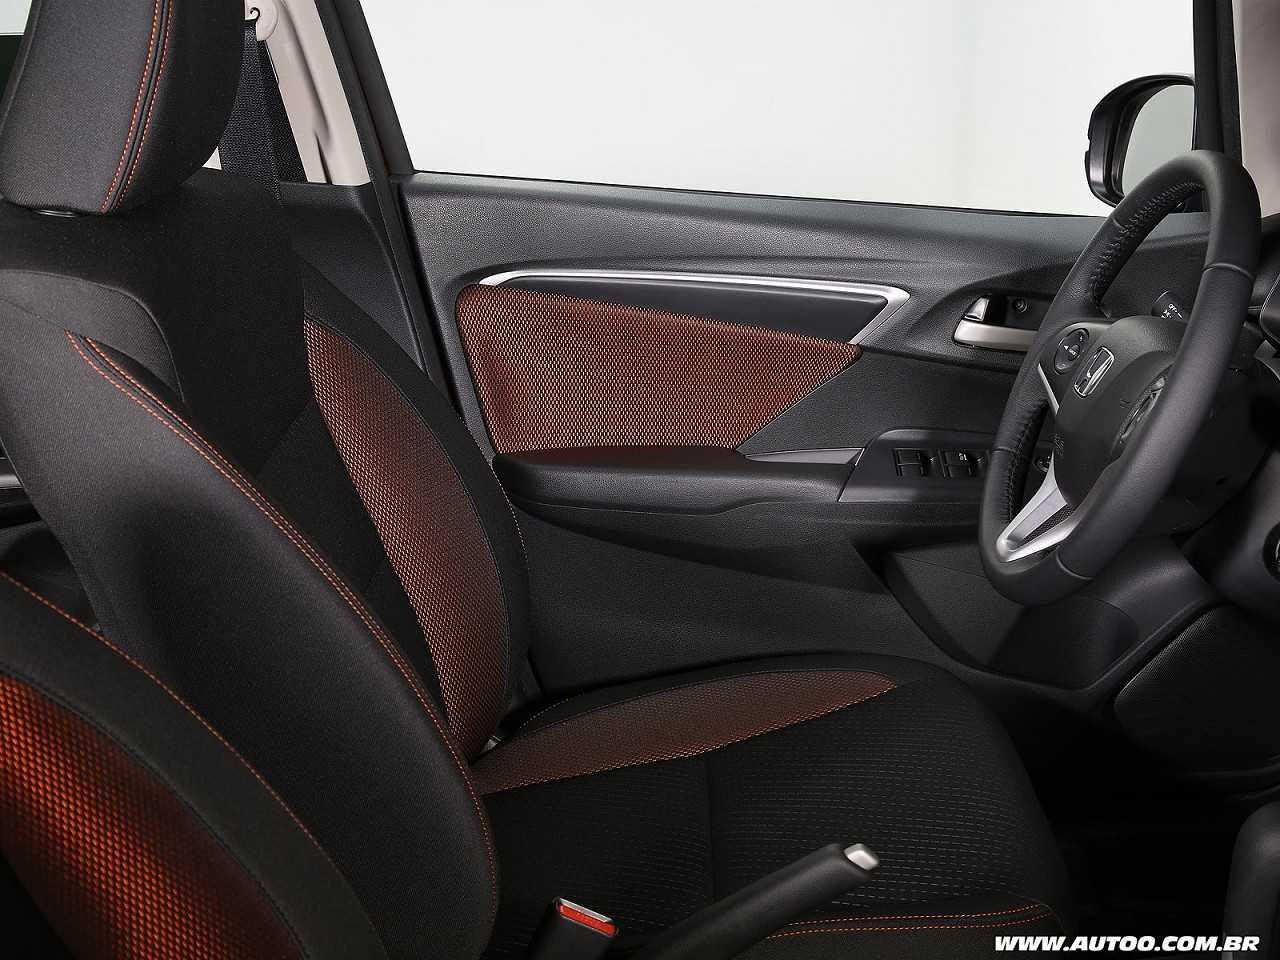 HondaWR-V 2018 - outros